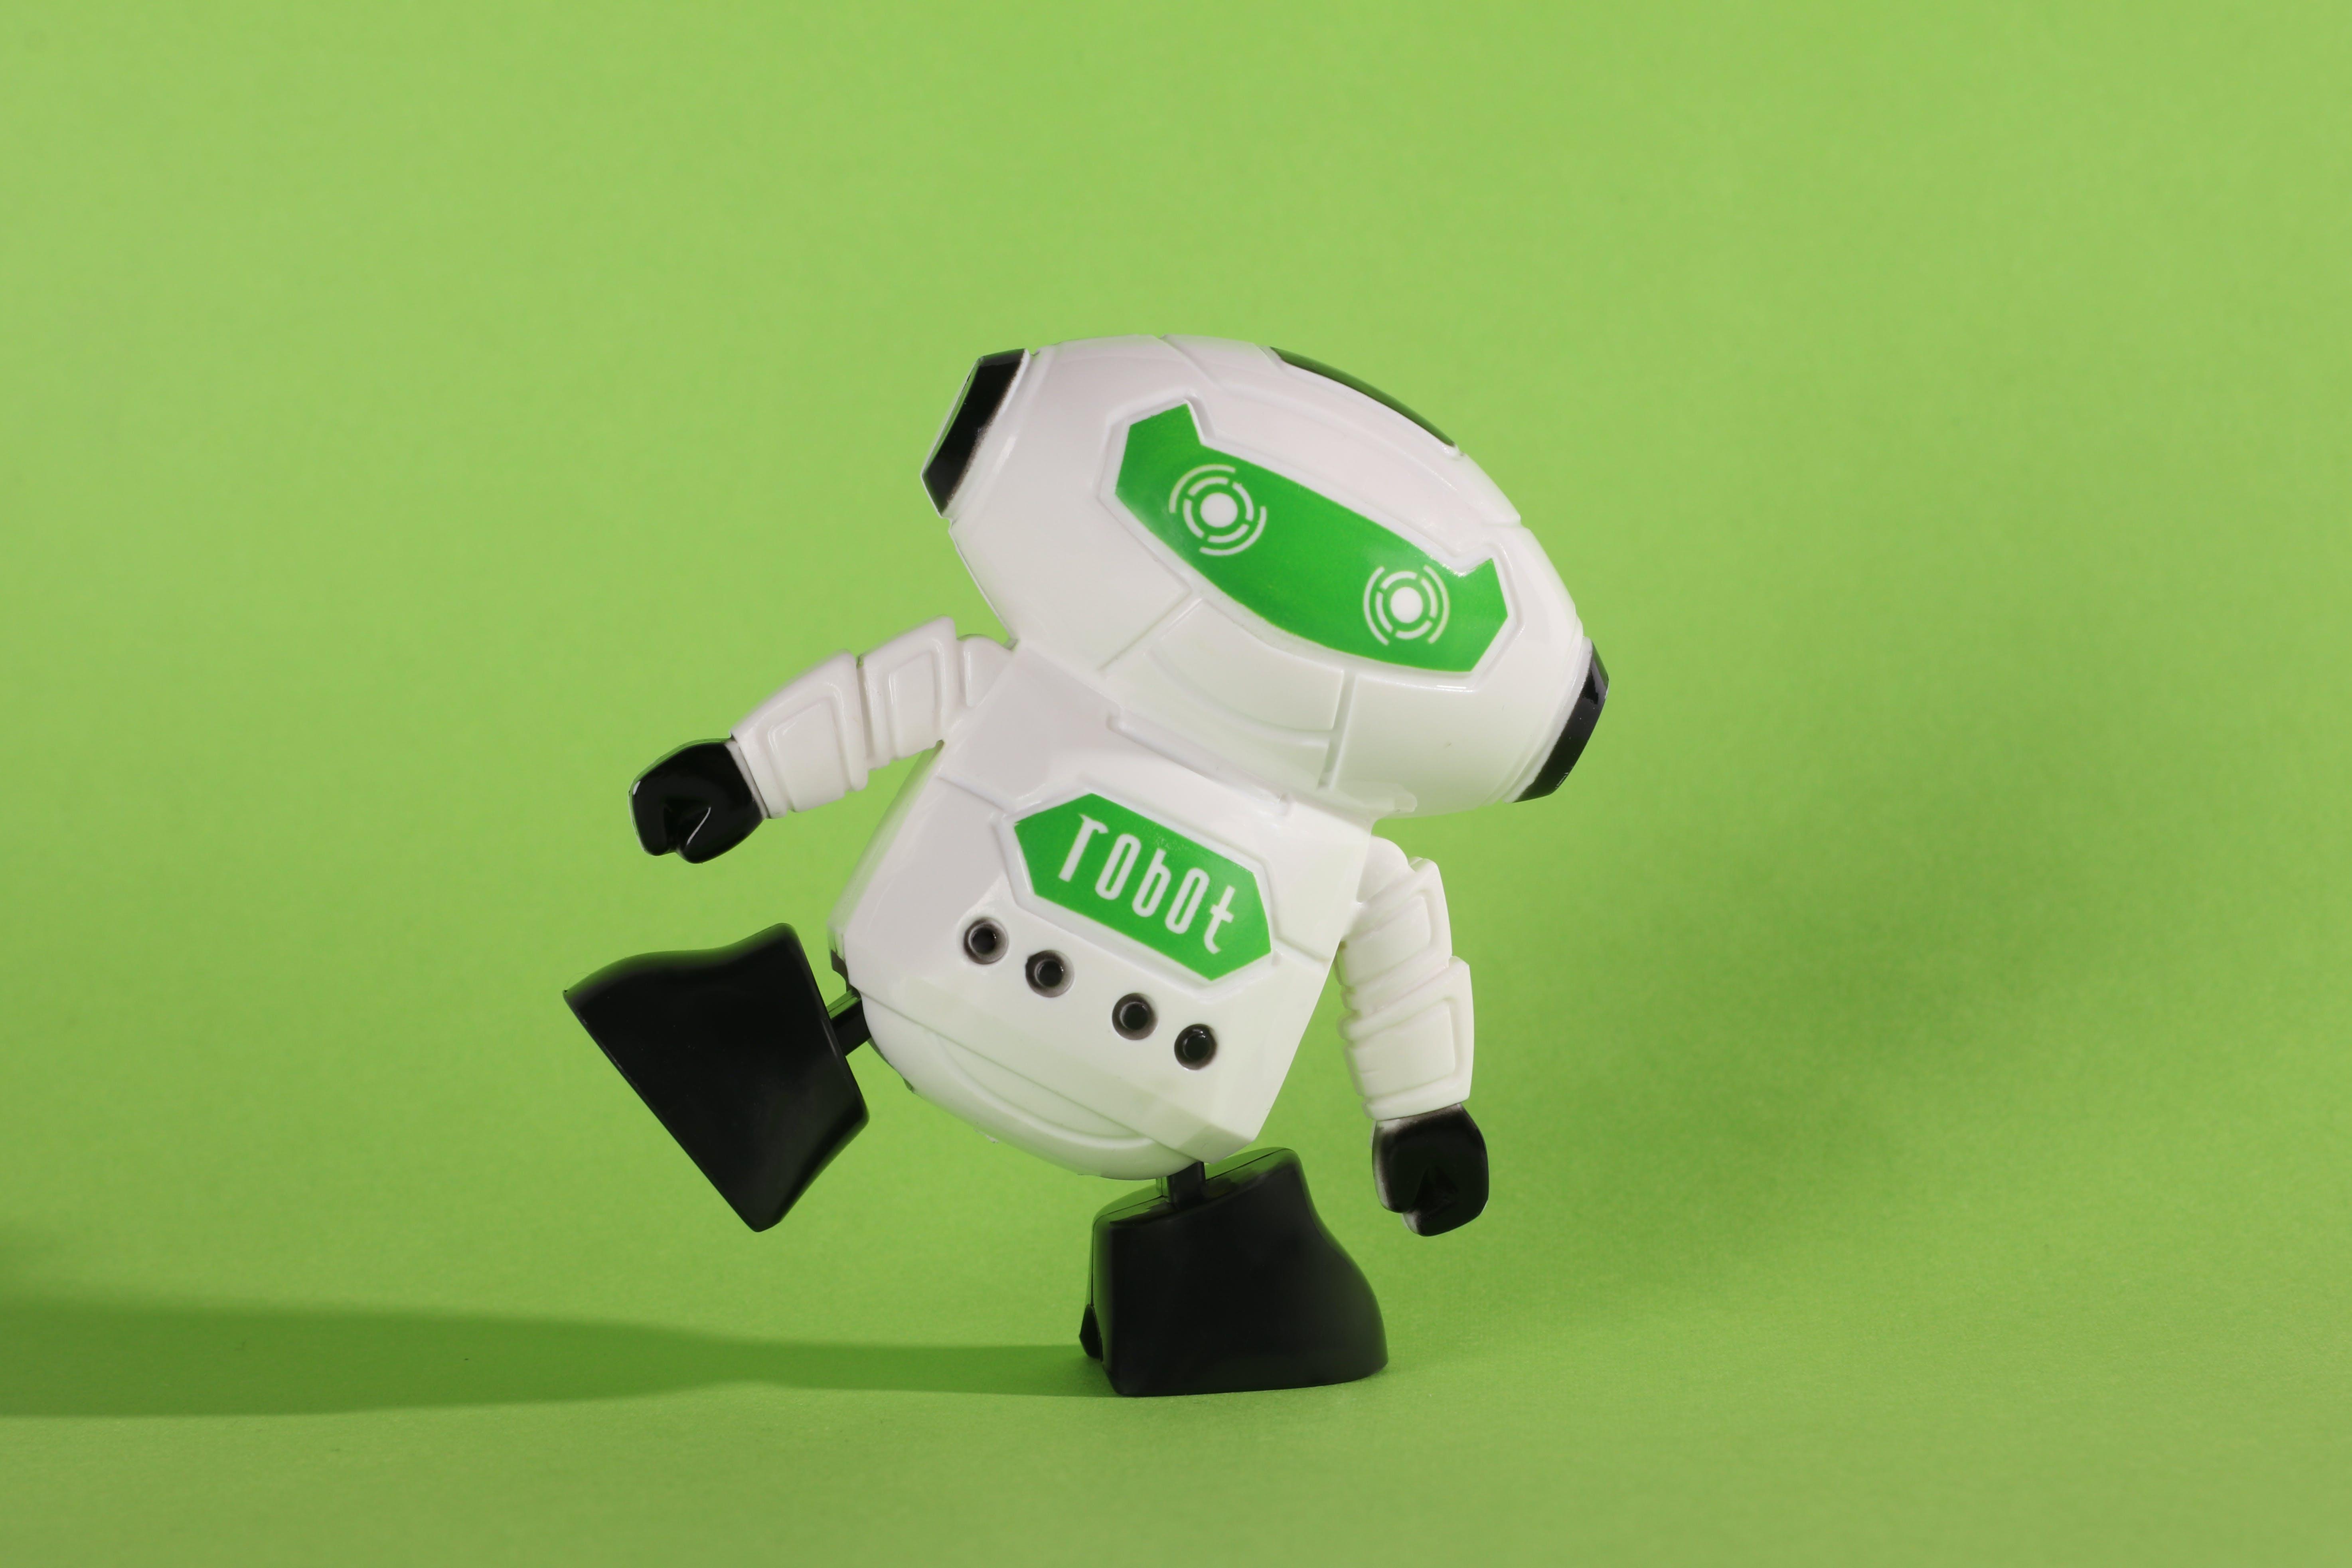 Kostenloses Stock Foto zu grünem hintergrund, roboter